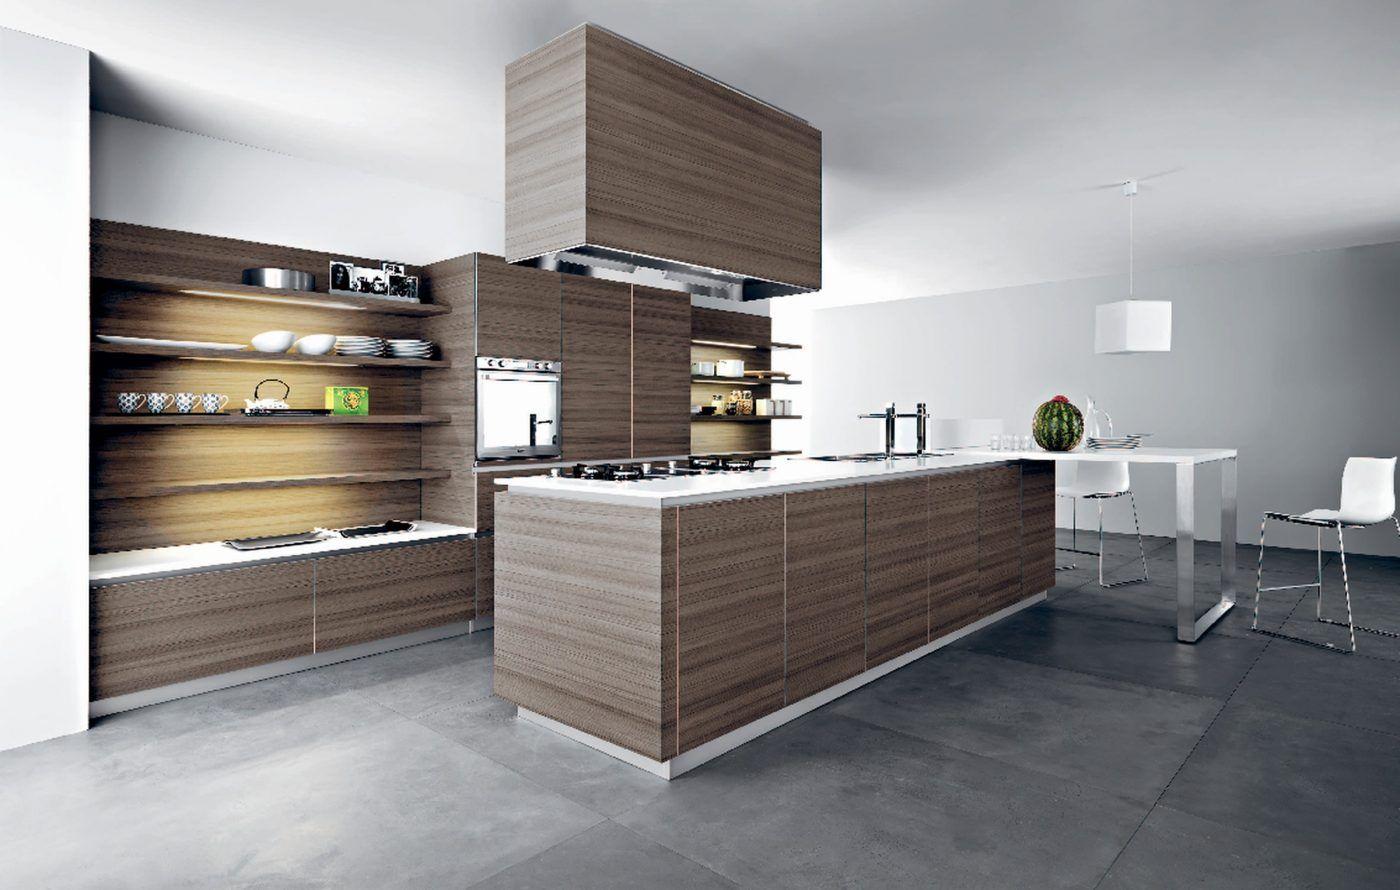 Cesar Ariel Lava Teak Kitchen Modern Wooden Kitchen Refacing Kitchen Cabinets Modern Kitchen Design